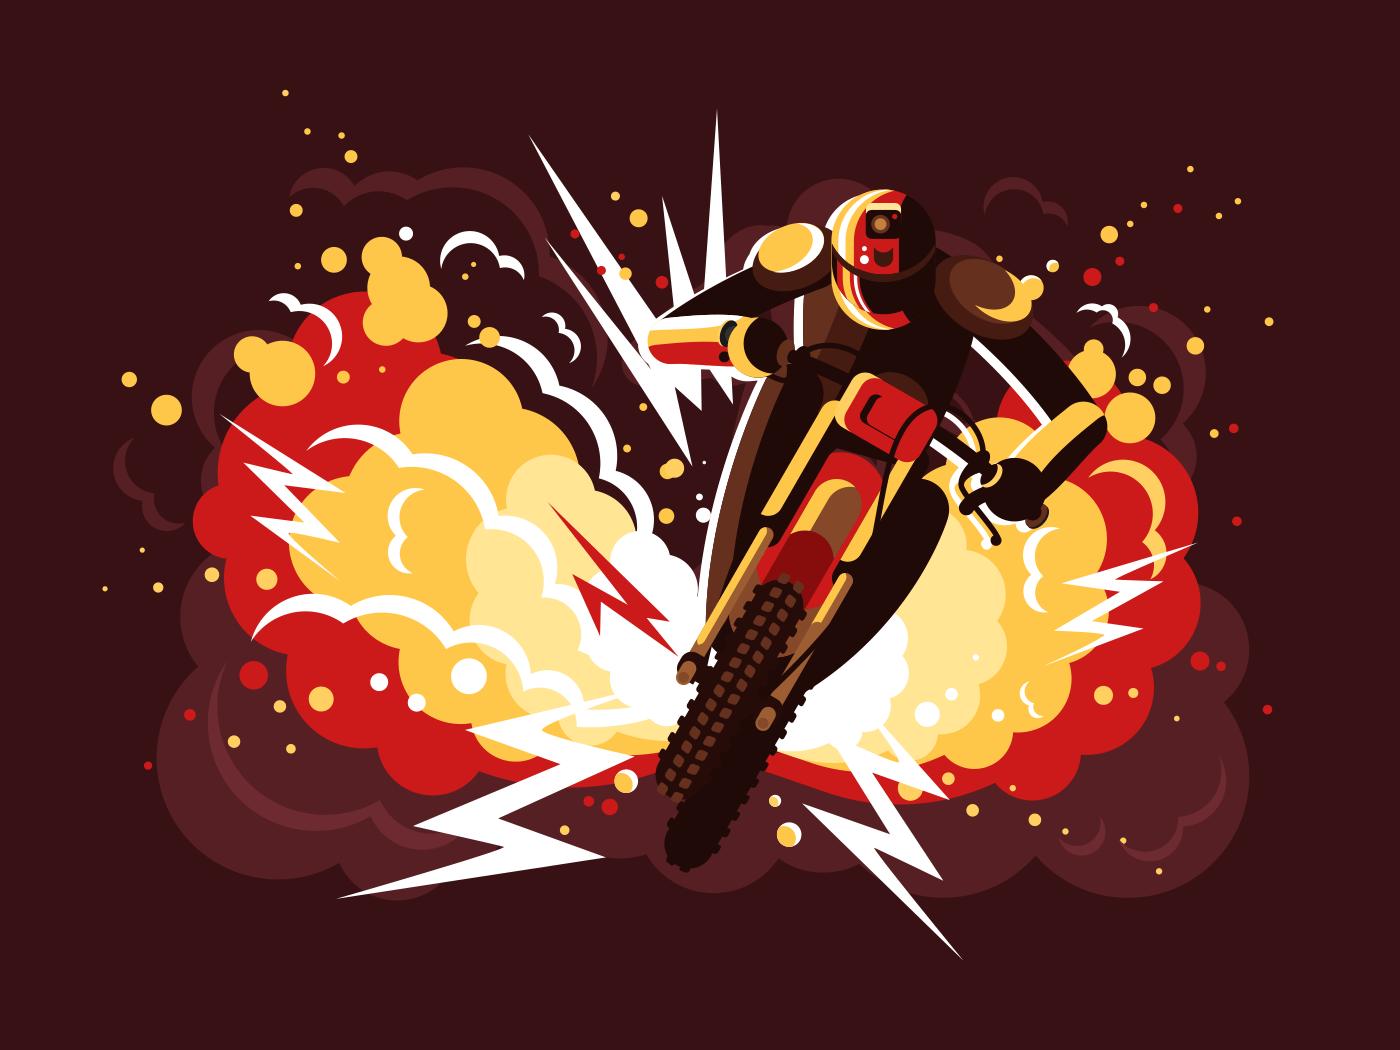 Stuntman on motorcycle flat vector illustration